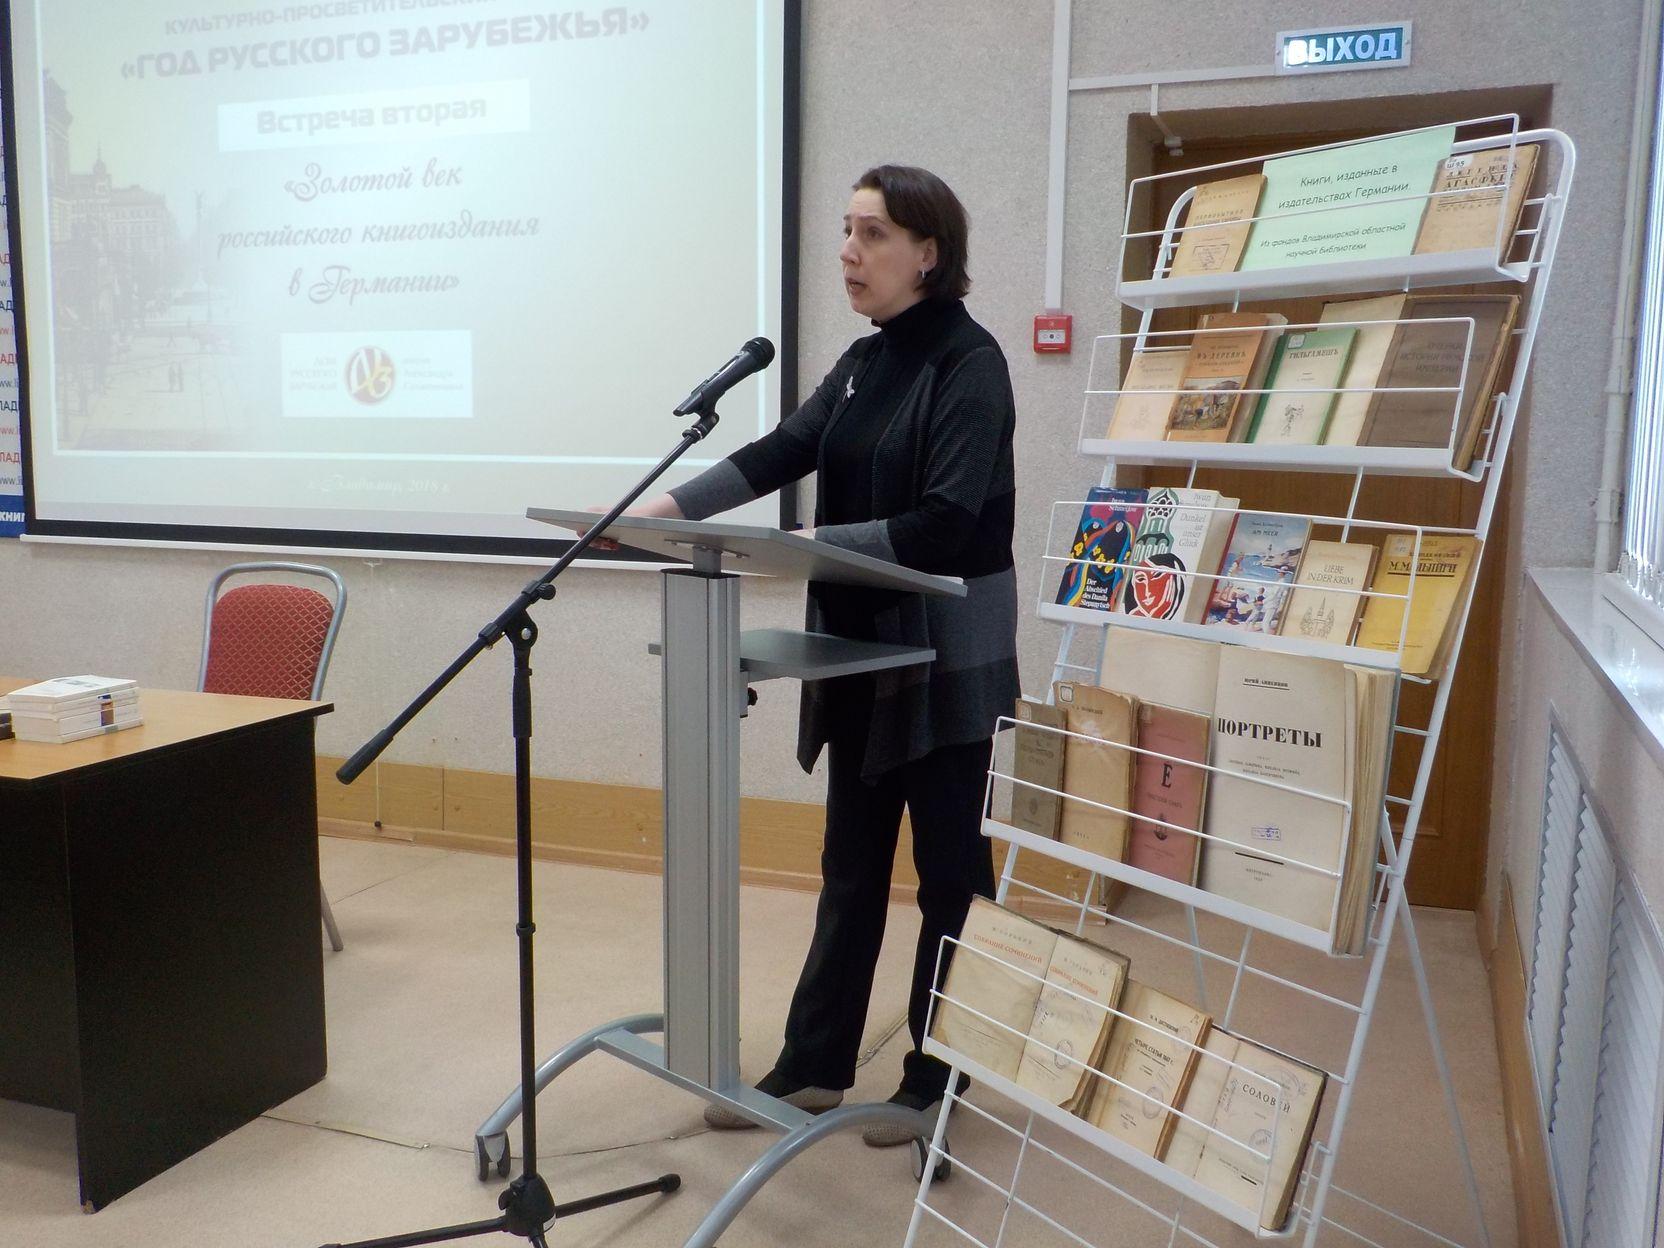 Irina Mishina predstavlaet knigi iz redkogo fonda biblioteki